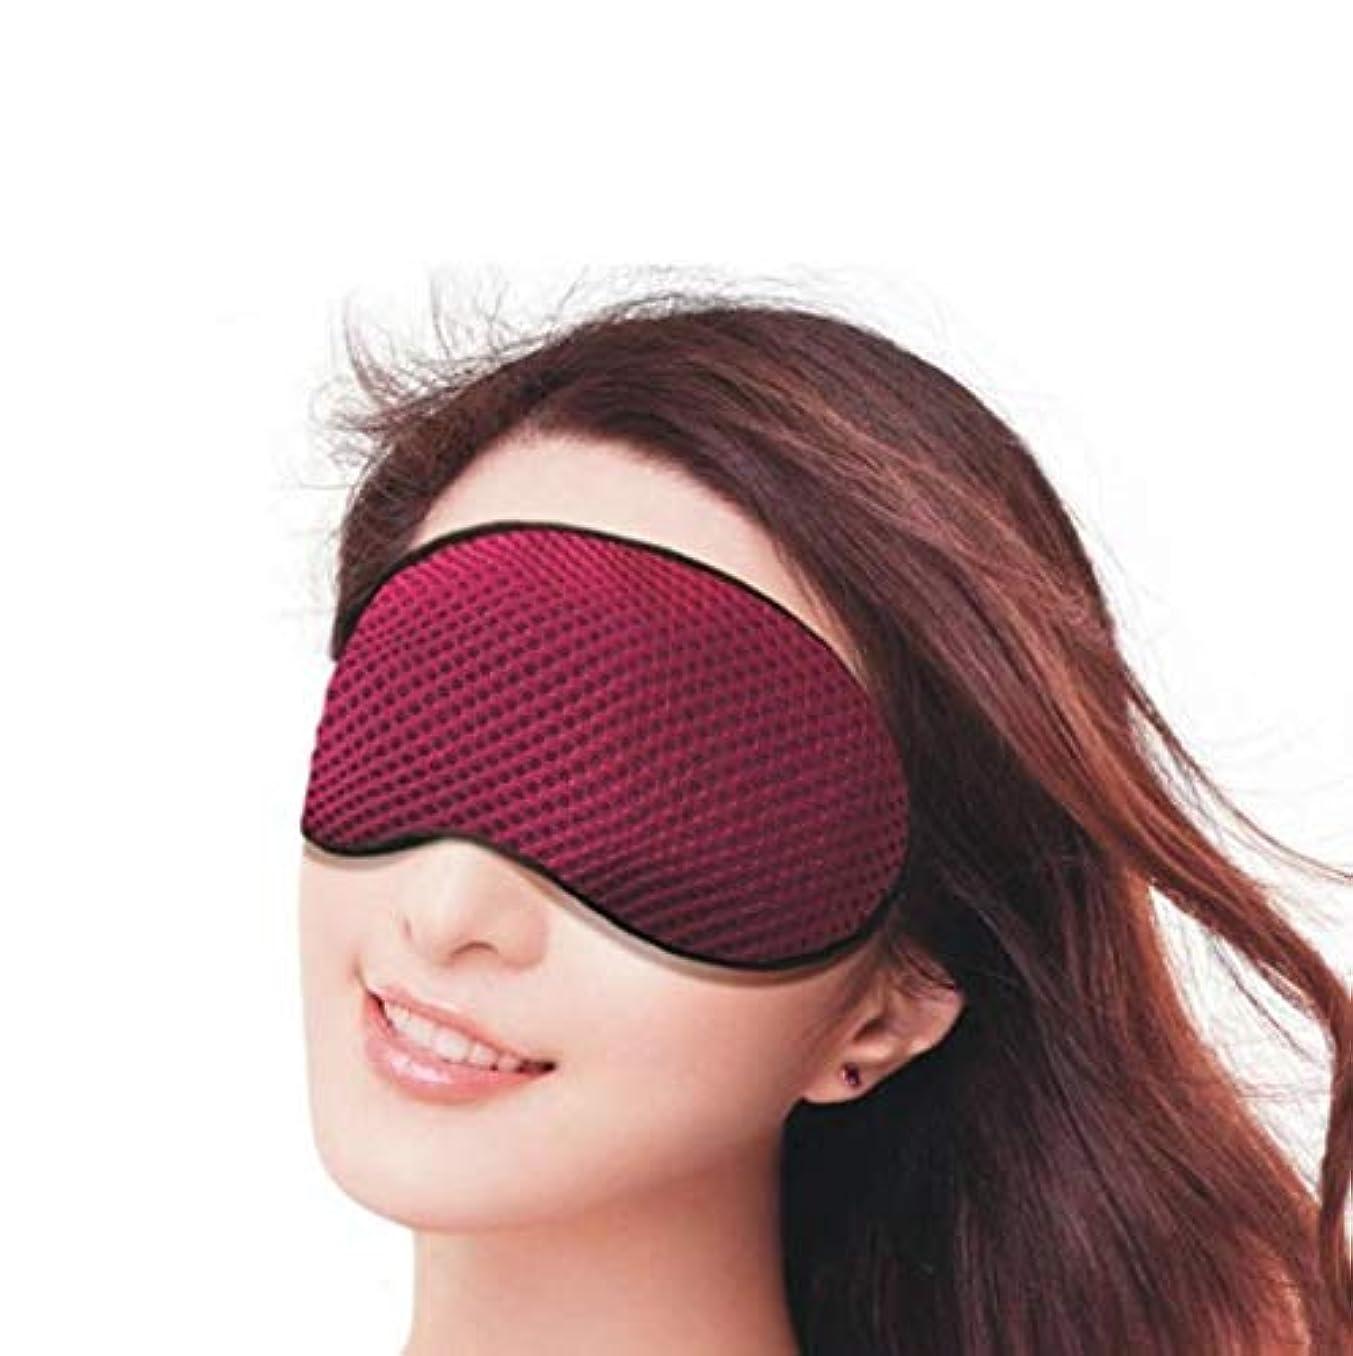 オッズ先見の明海嶺NOTE HANRIVER 2018竹炭アイマスクは男性と女性のための目の疲労鎮静睡眠アイシェードを軽減